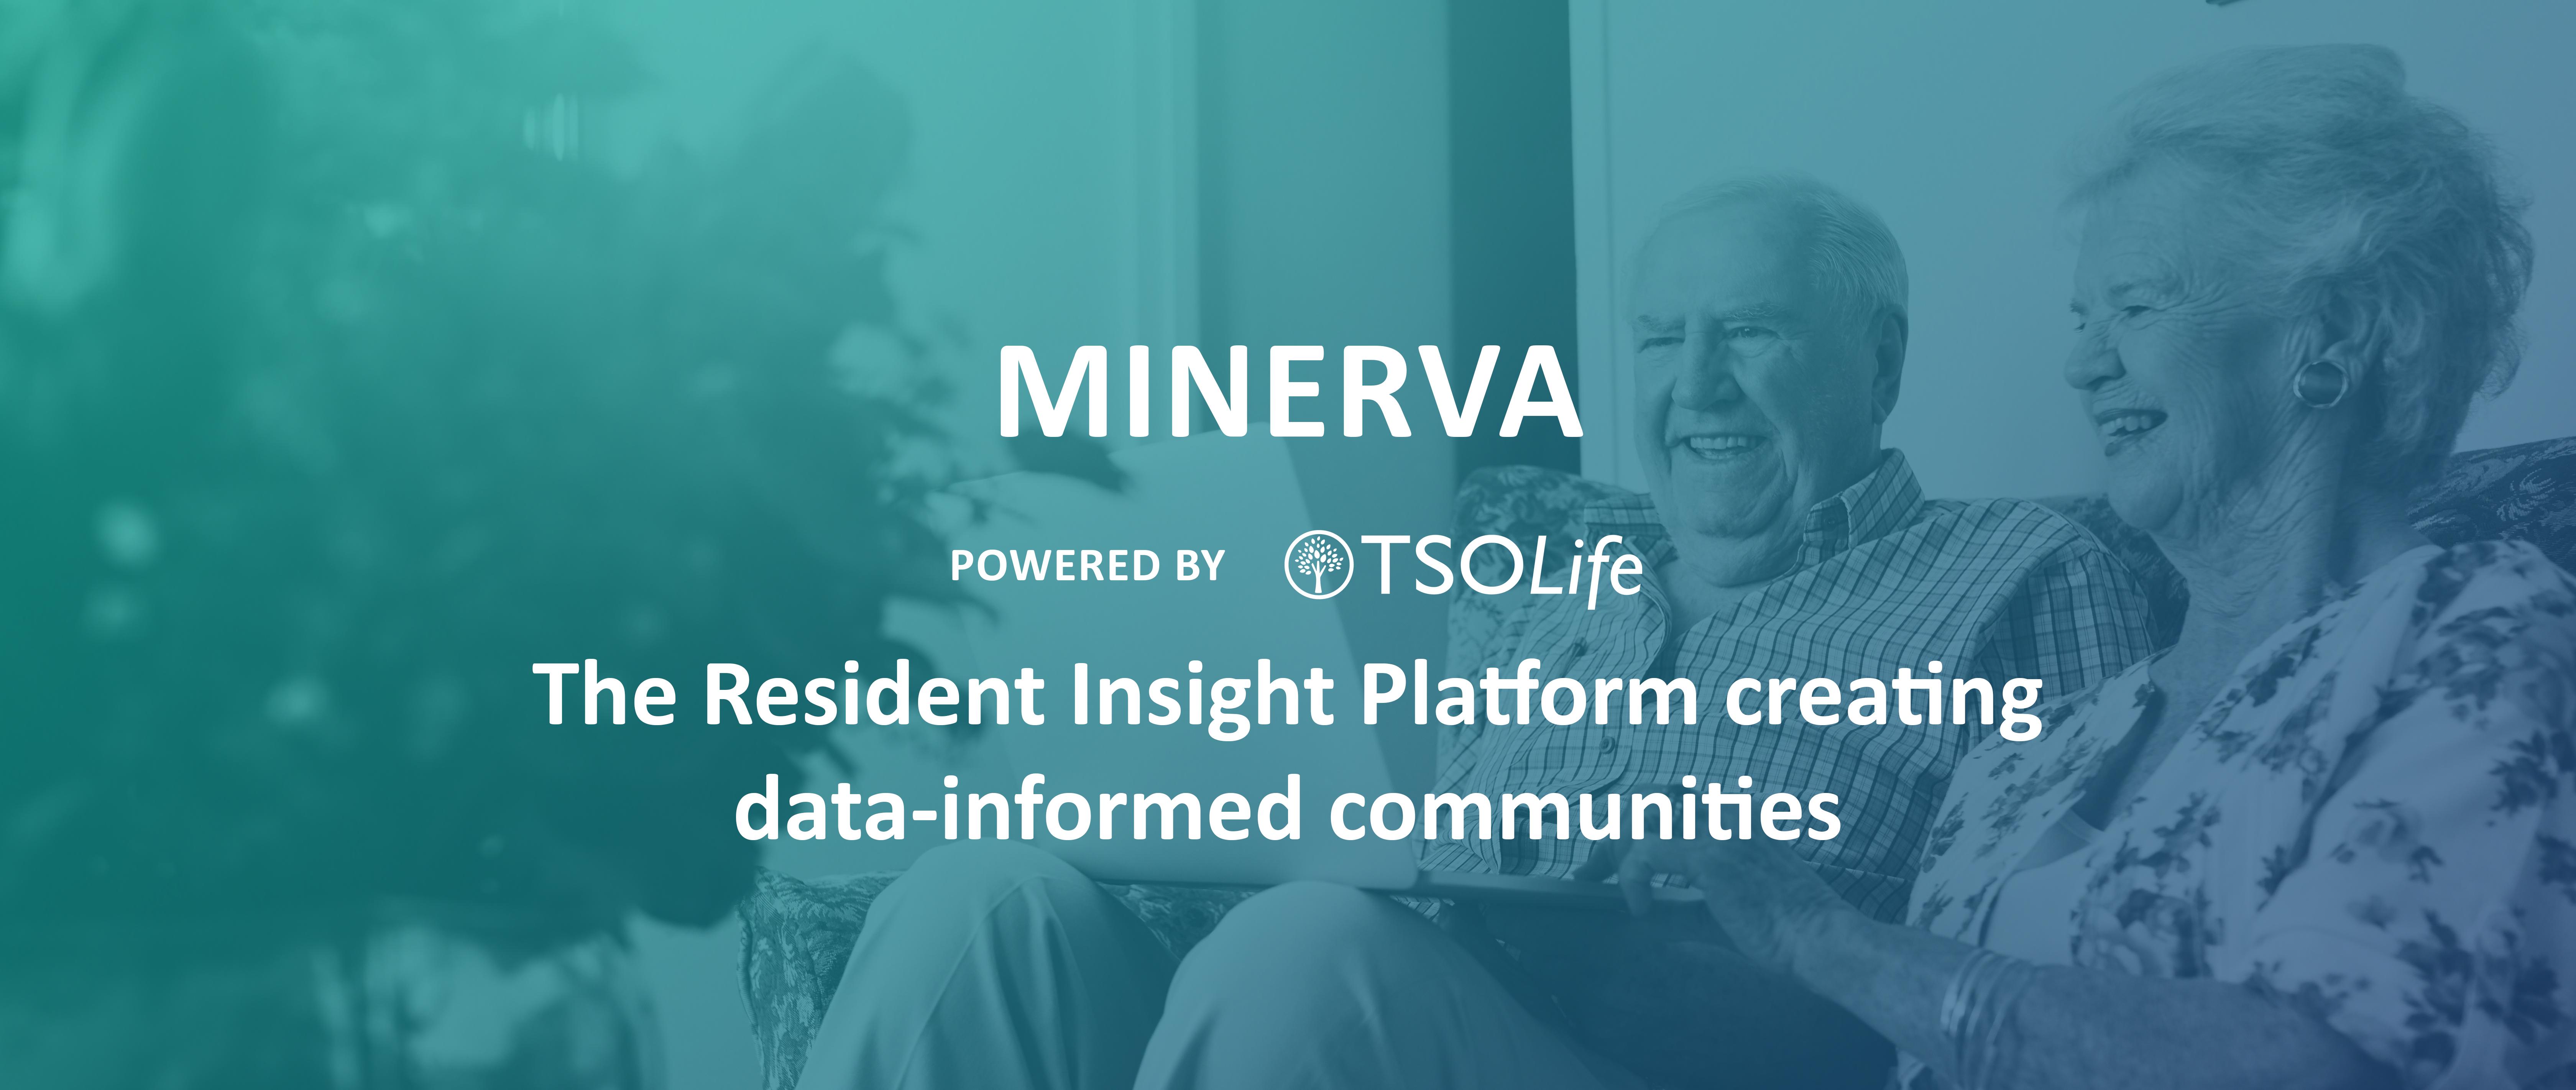 TSOLife's Minerva: a Resident Insights Platform